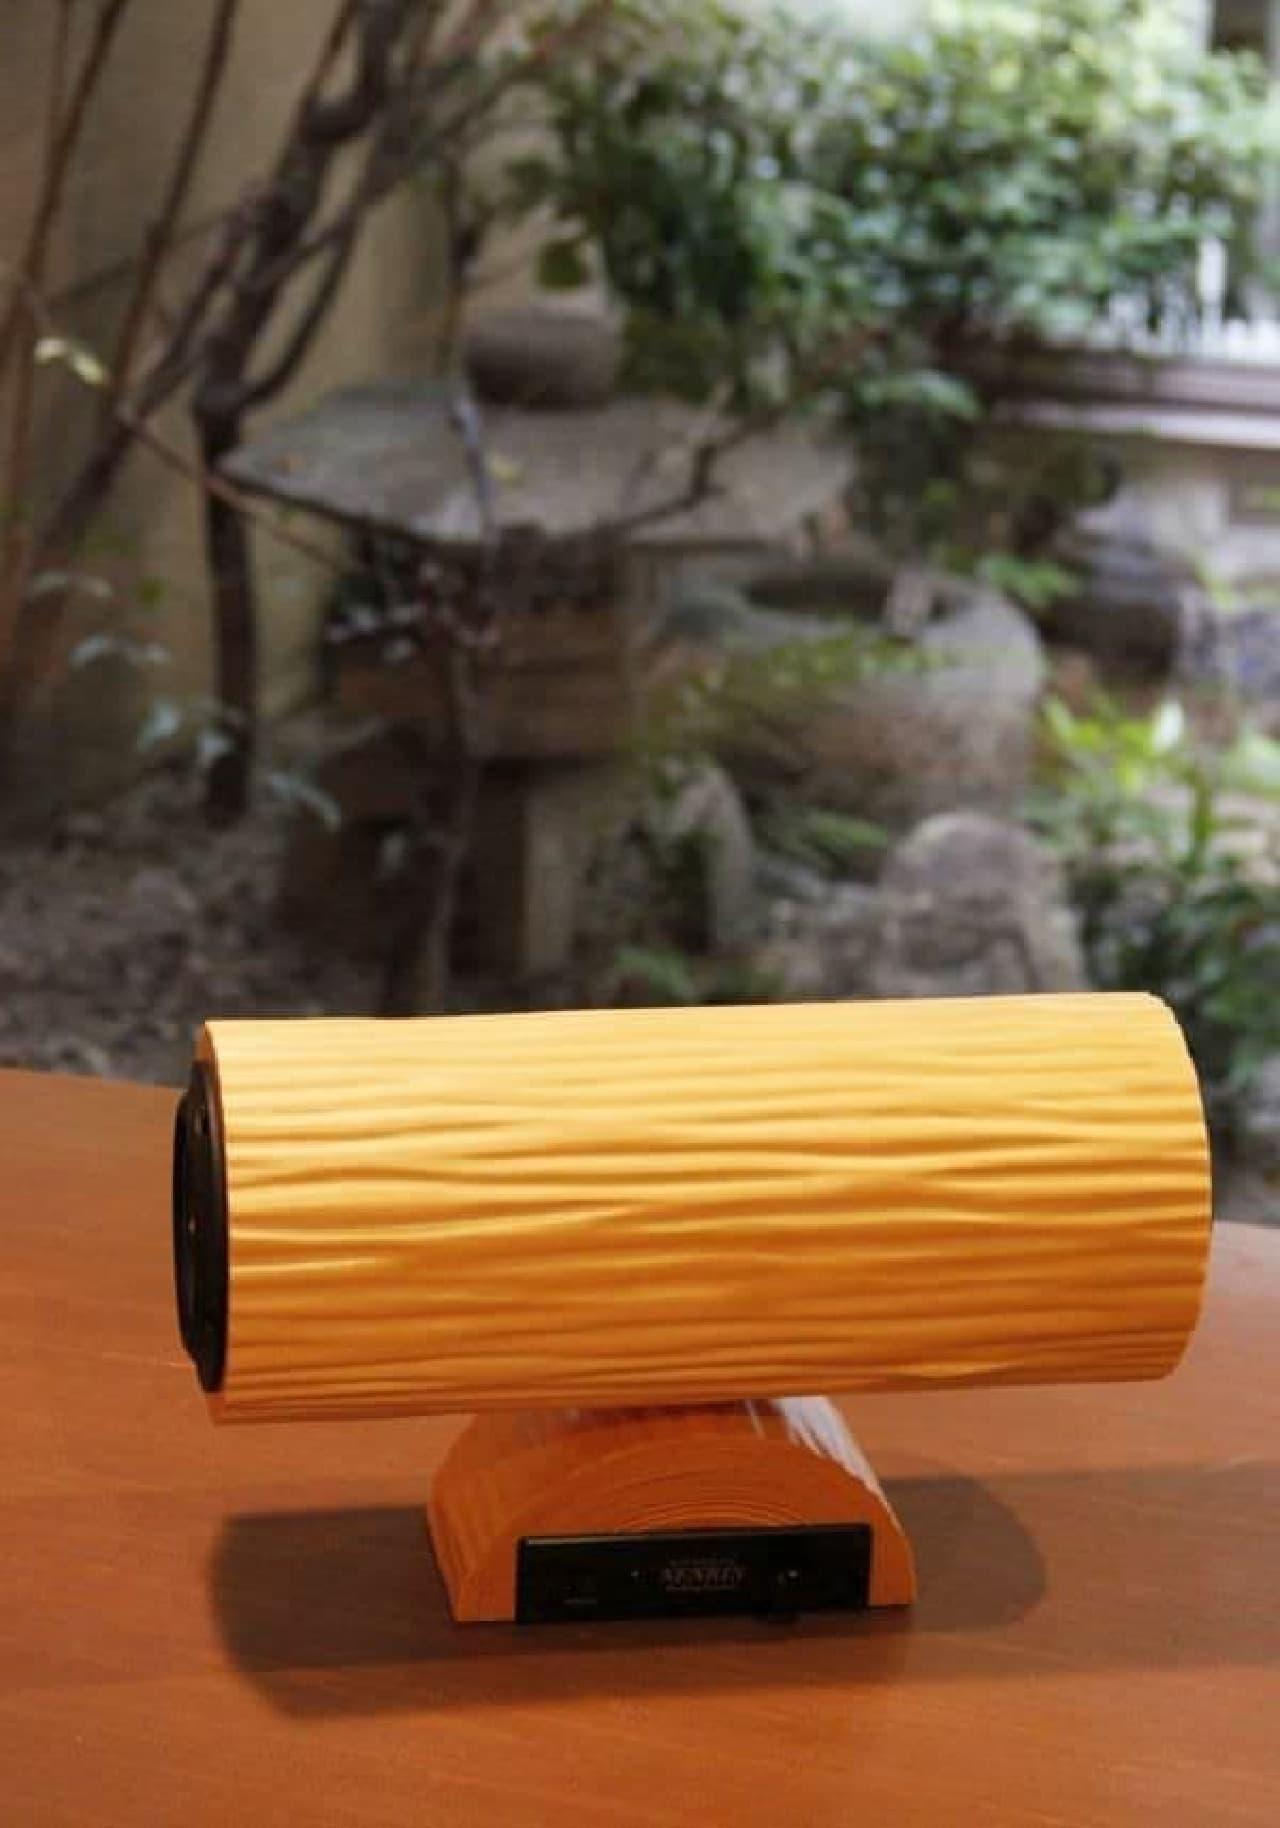 北山杉が美しい Bluetooth スピーカー「NENRIN」に